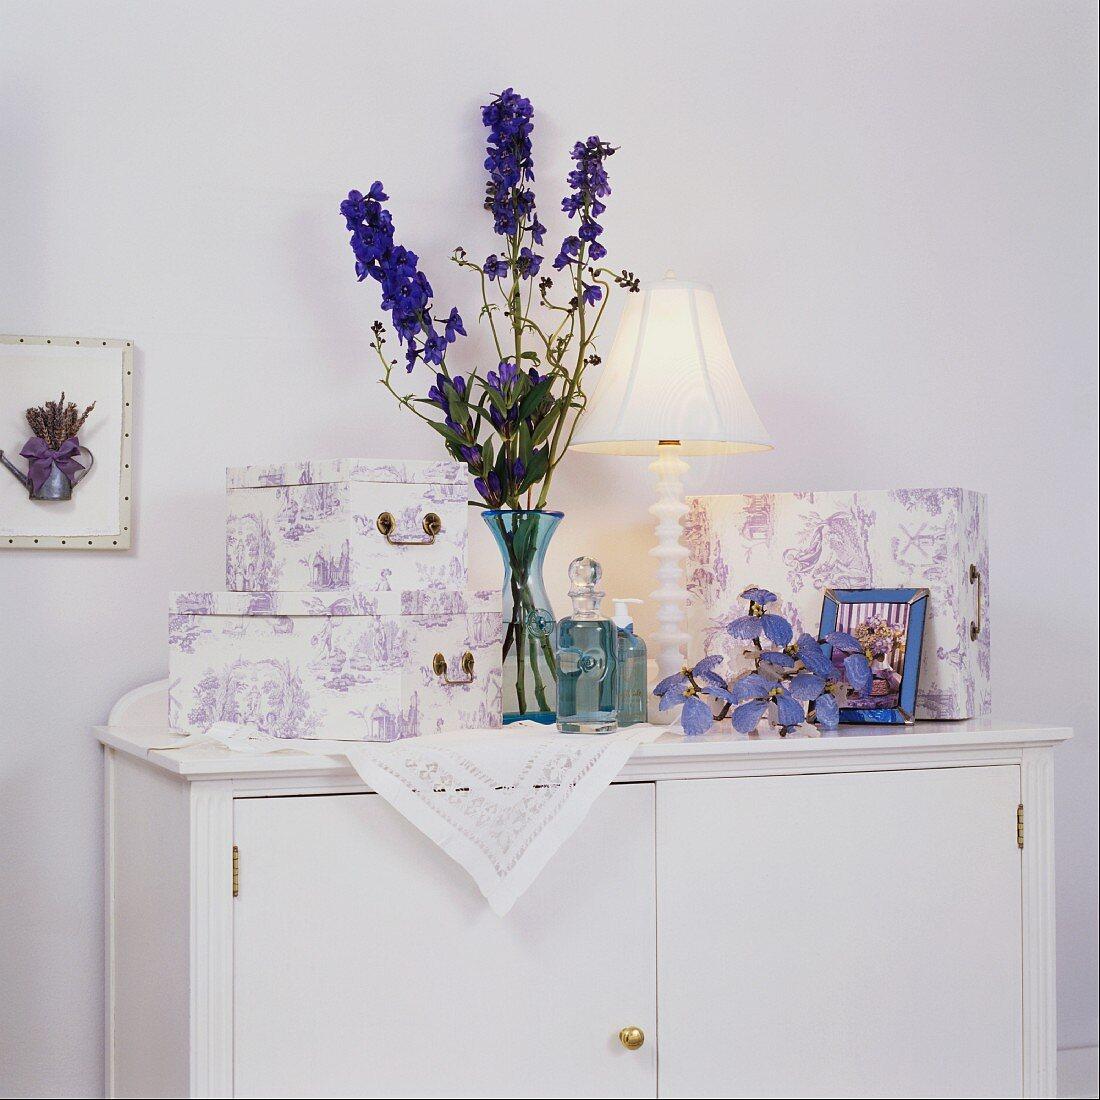 Schachteln mit lavendelfarbenem Toile de Jouy Muster und blaue Glasflaschen mit Rittersporn auf weisser Kommode